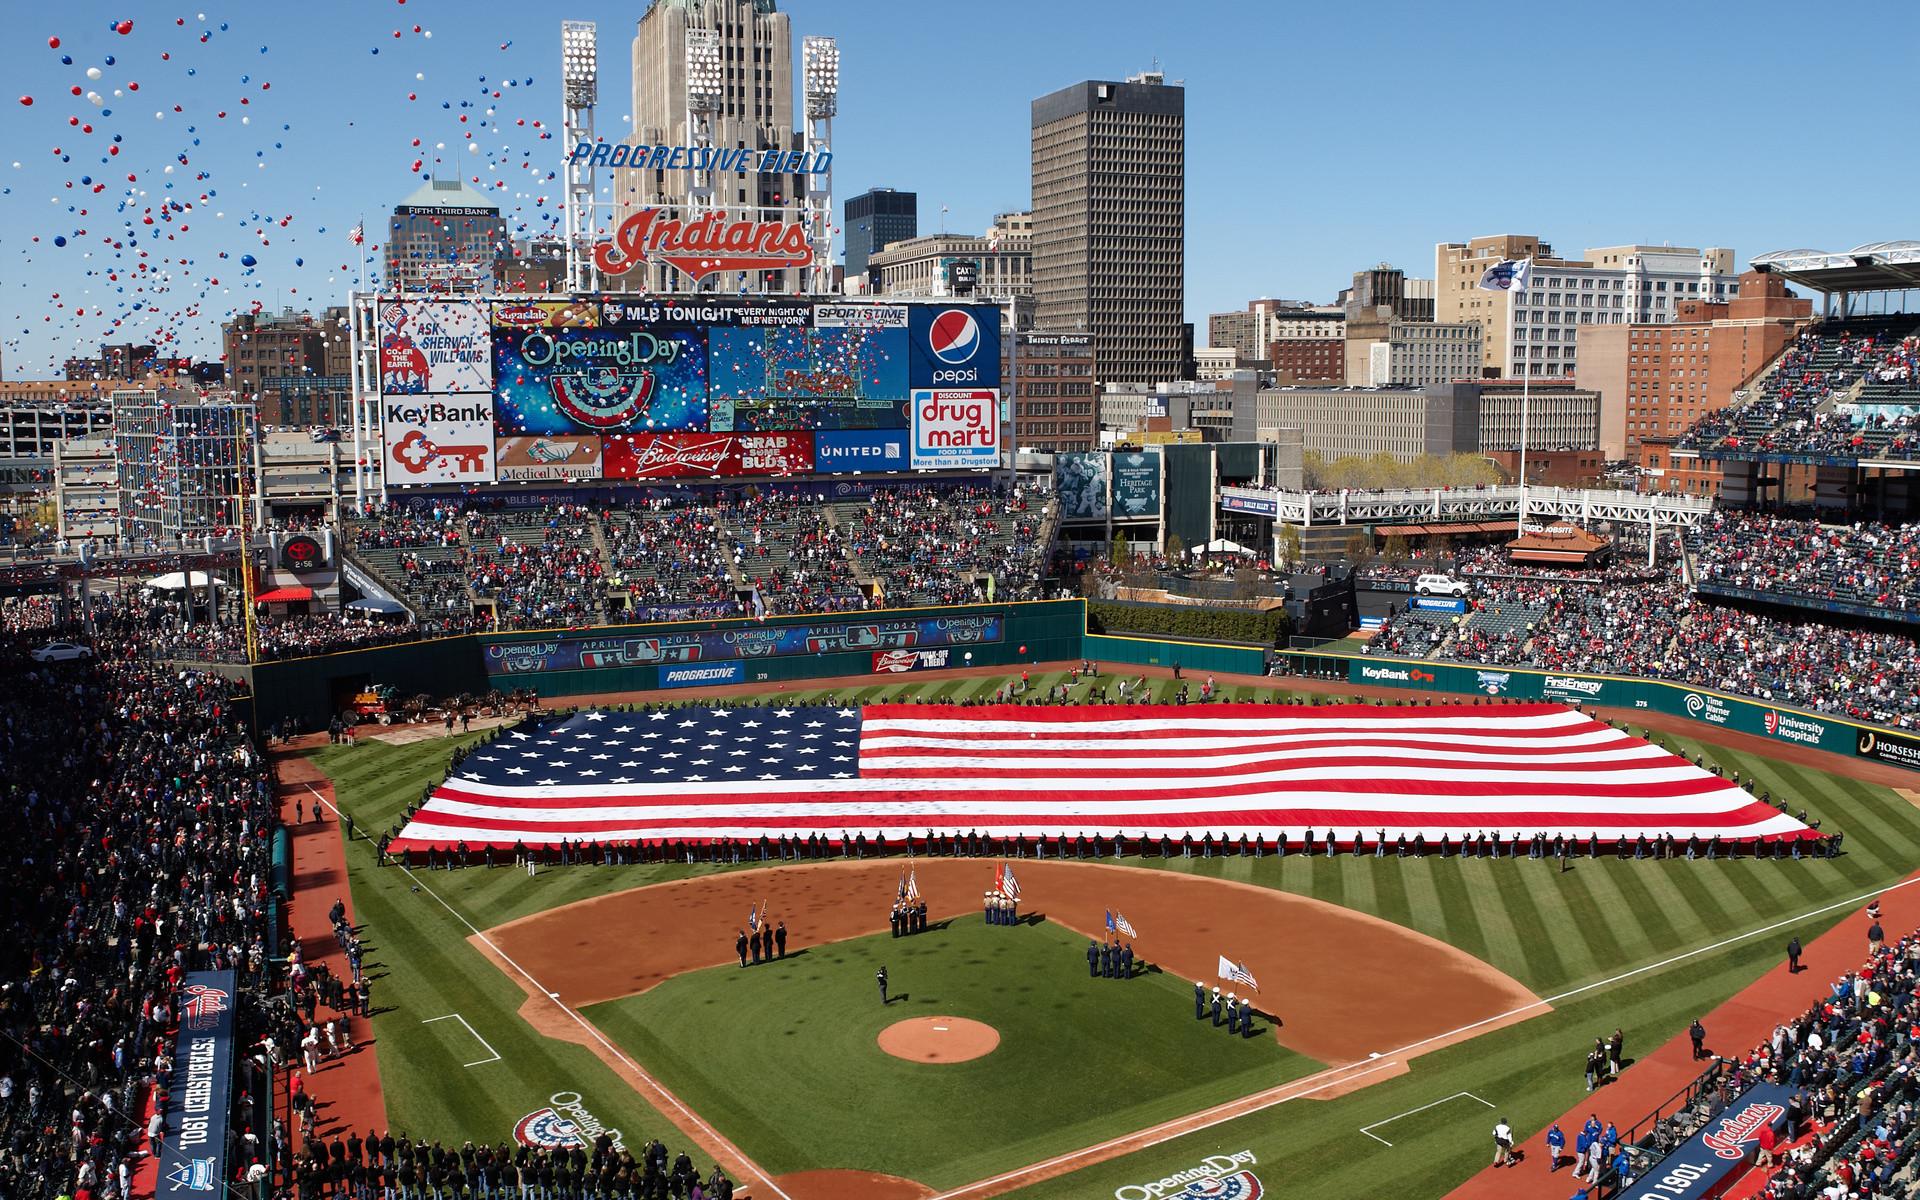 Stadium, Cleveland Indians Mlb Baseball Stadium, Baseball, Cleveland  Indians, Mlb, Sports